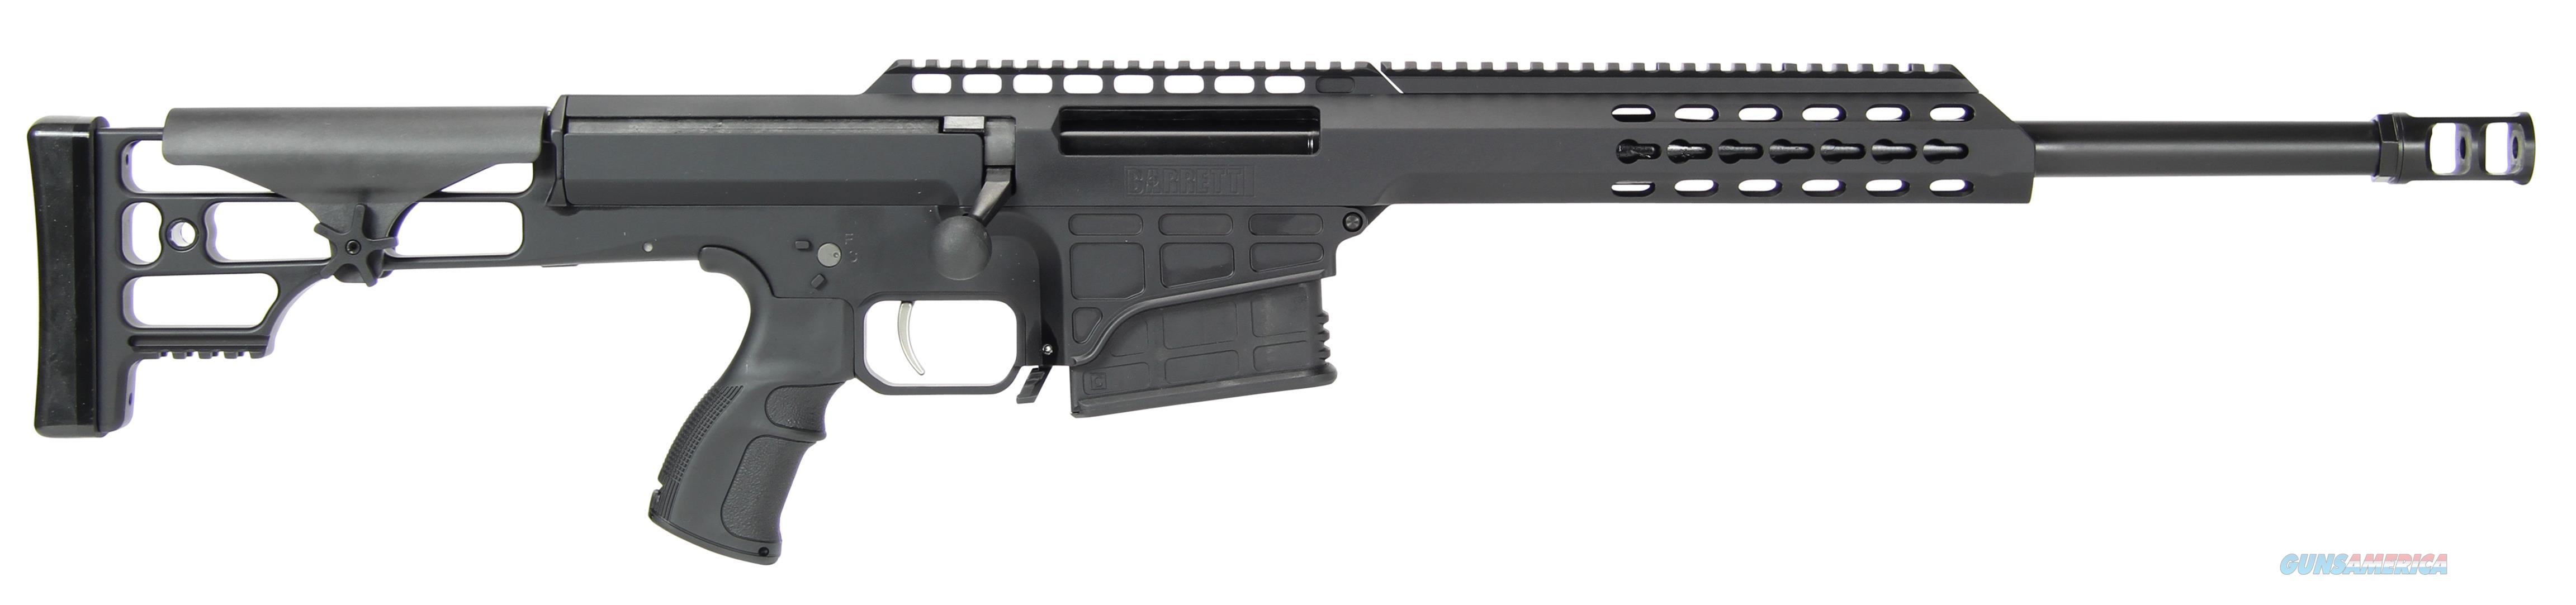 """Barrett 14800 M98b 308 Winchester 16"""" 10+1 Fixed Metal Blk Stk Blk Hard Coat Anodized 14800  Guns > Rifles > B Misc Rifles"""